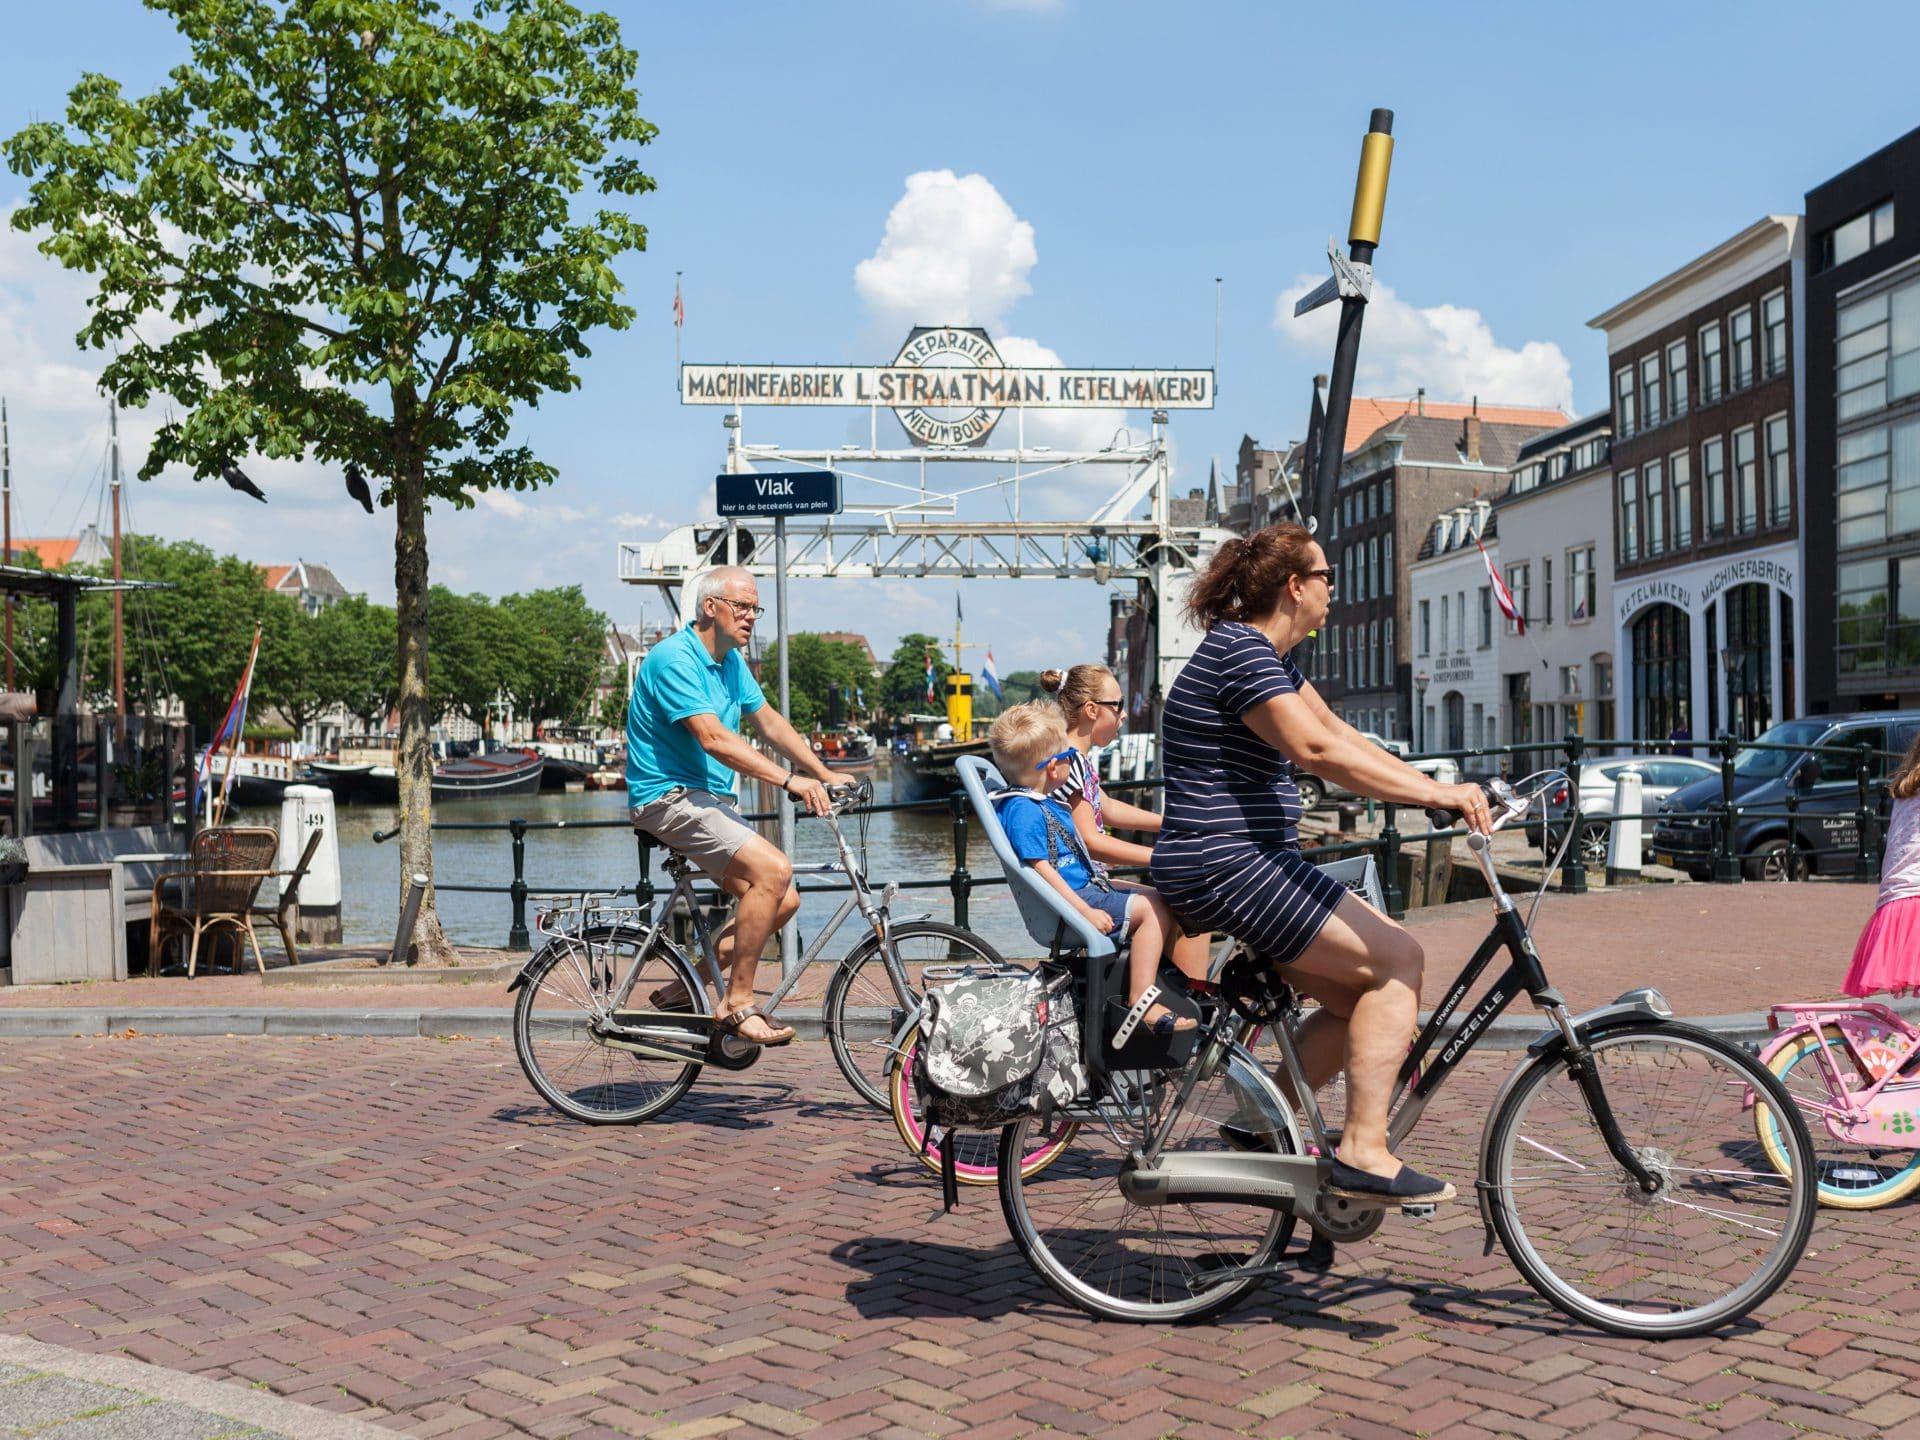 Fietsen Dok Straatman Roobrug havens Dordrecht